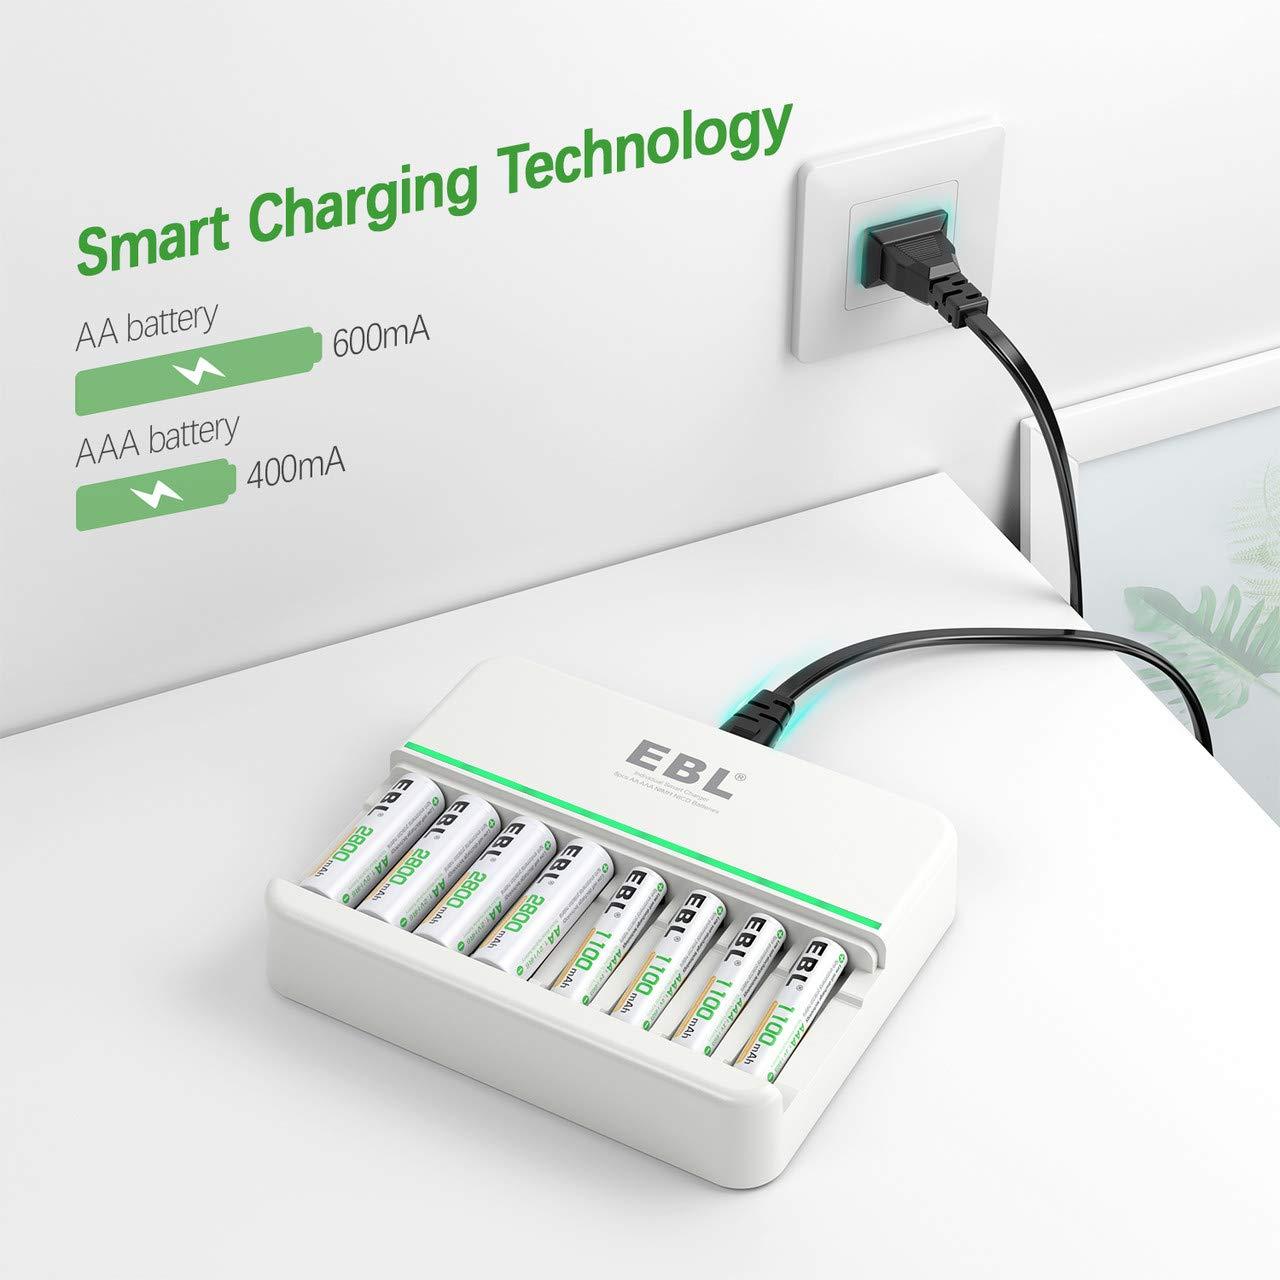 Amazon.com: EBL - Cargador de batería recargable AA AAA (600 ...